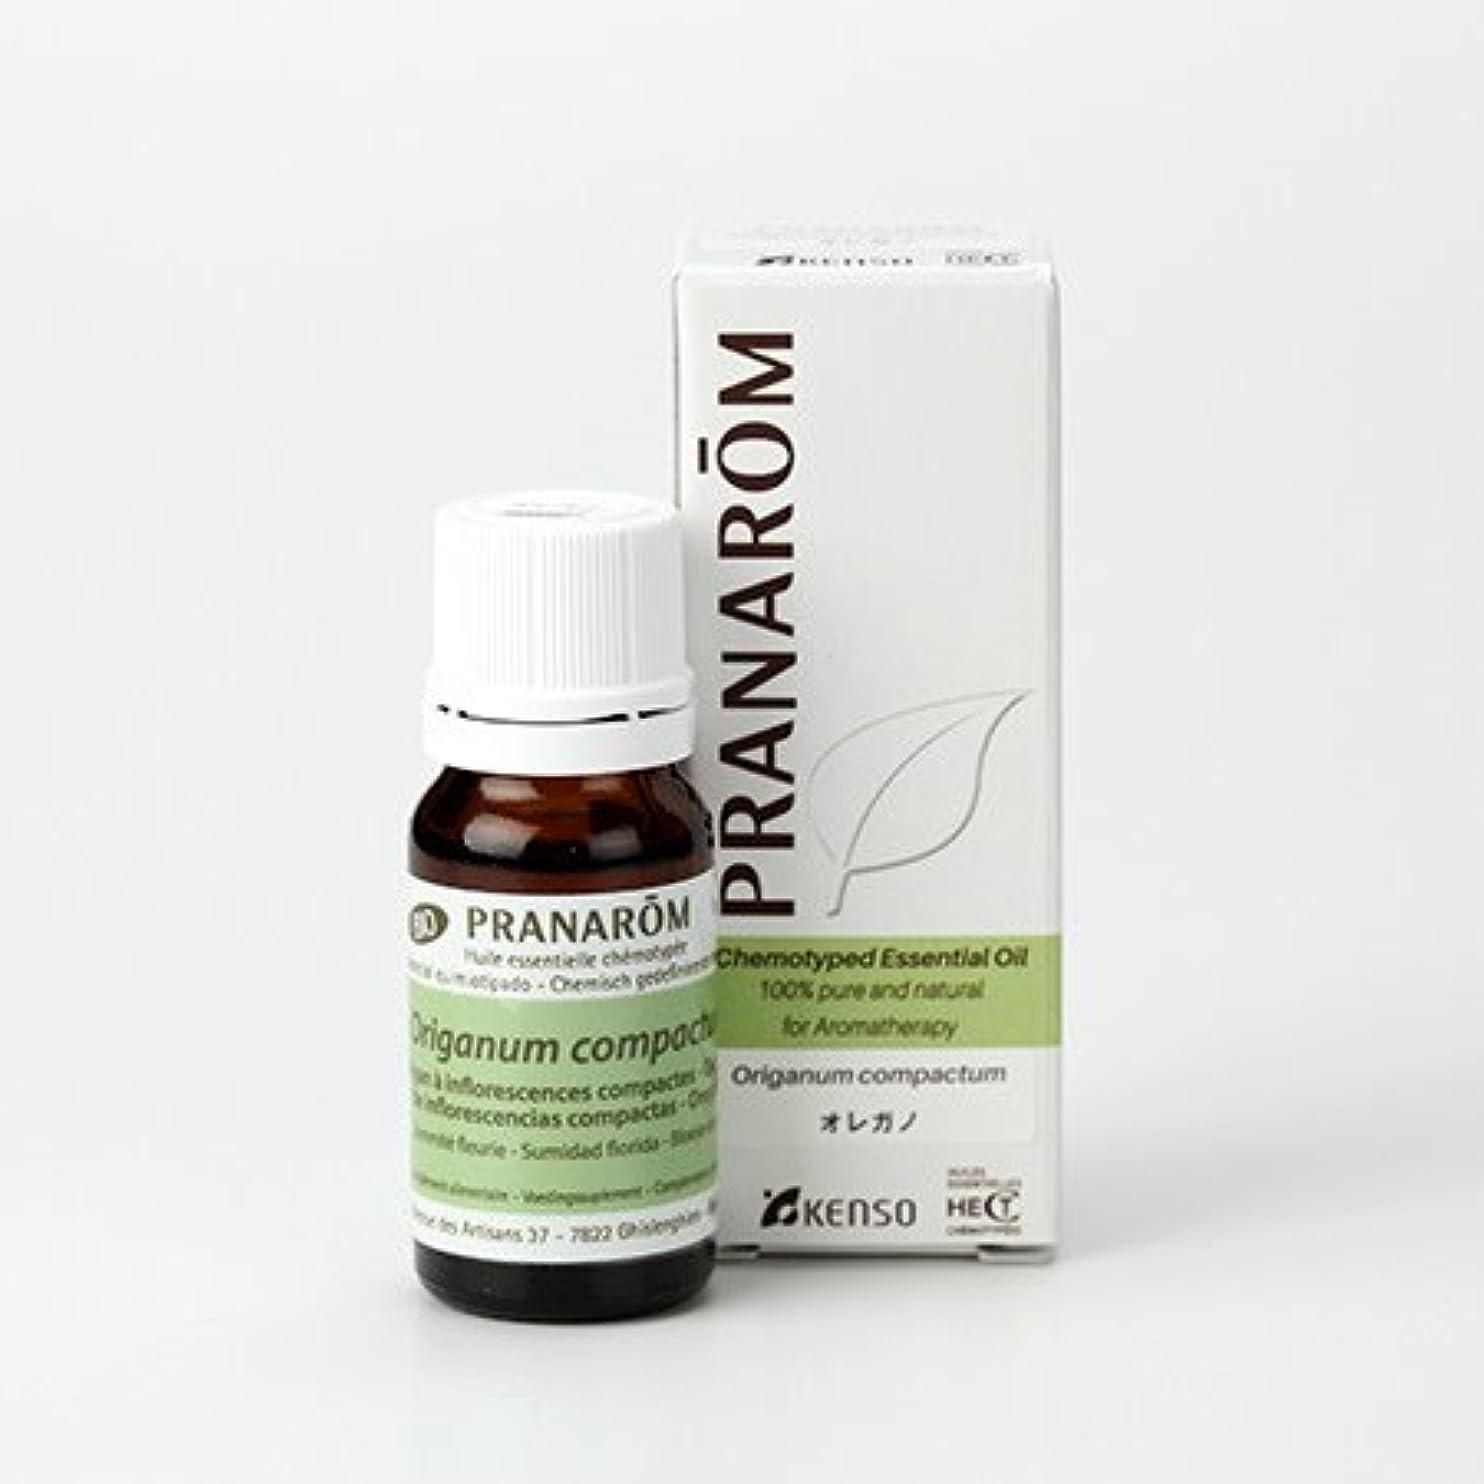 インポート外交官周りプラナロム オレガノ 10ml (PRANAROM ケモタイプ精油)